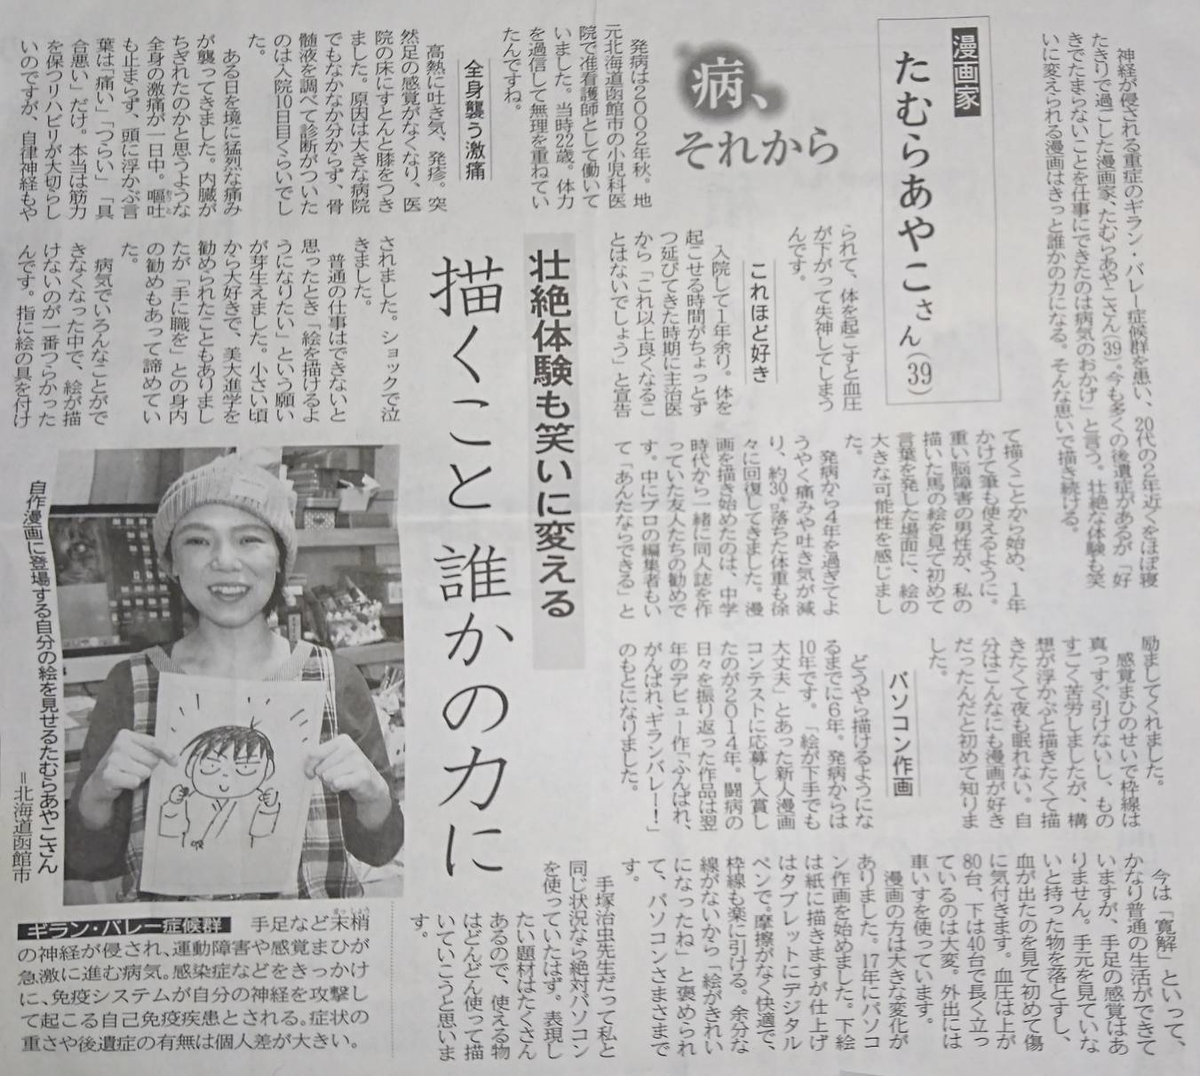 f:id:kazura-kobayashi:20200820134055j:plain